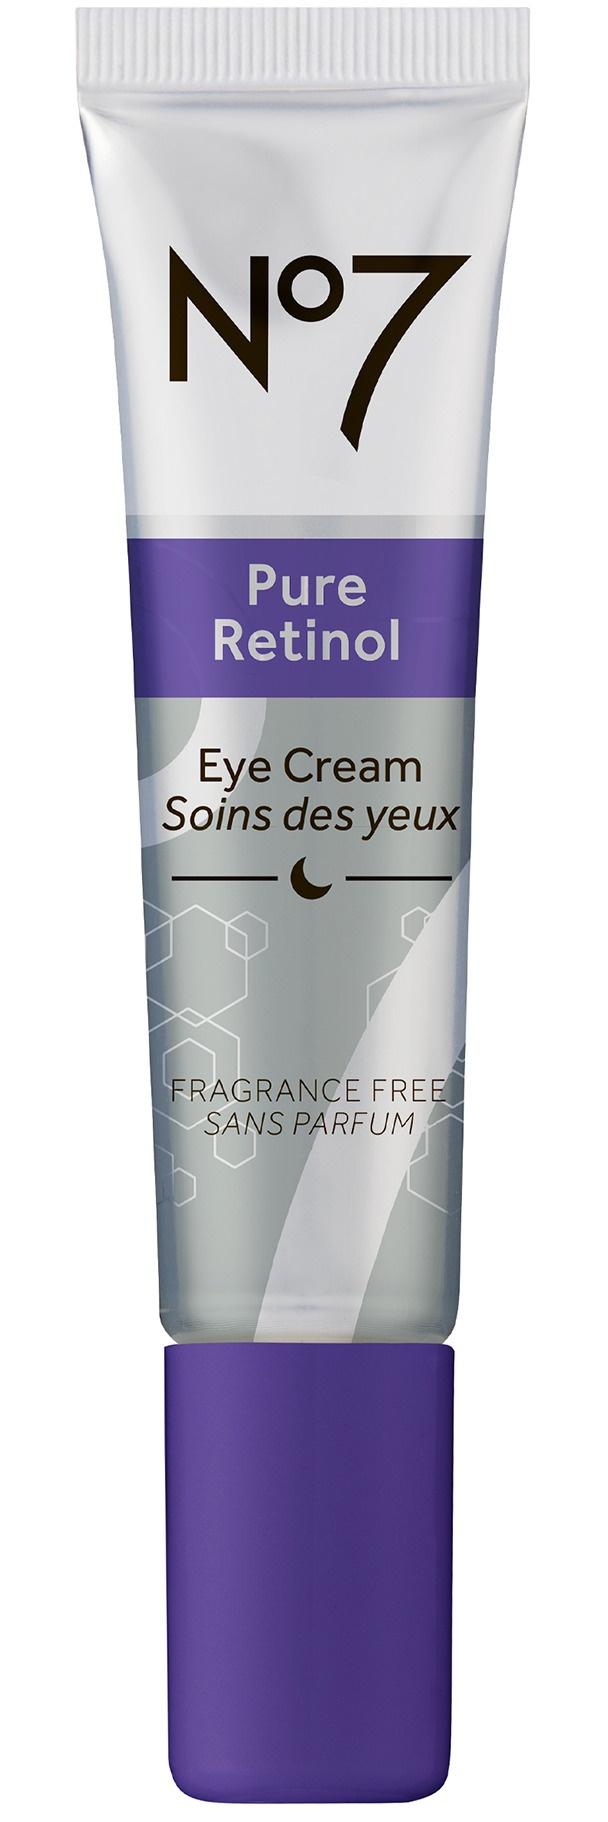 No7 Pure Retinol Eye Cream